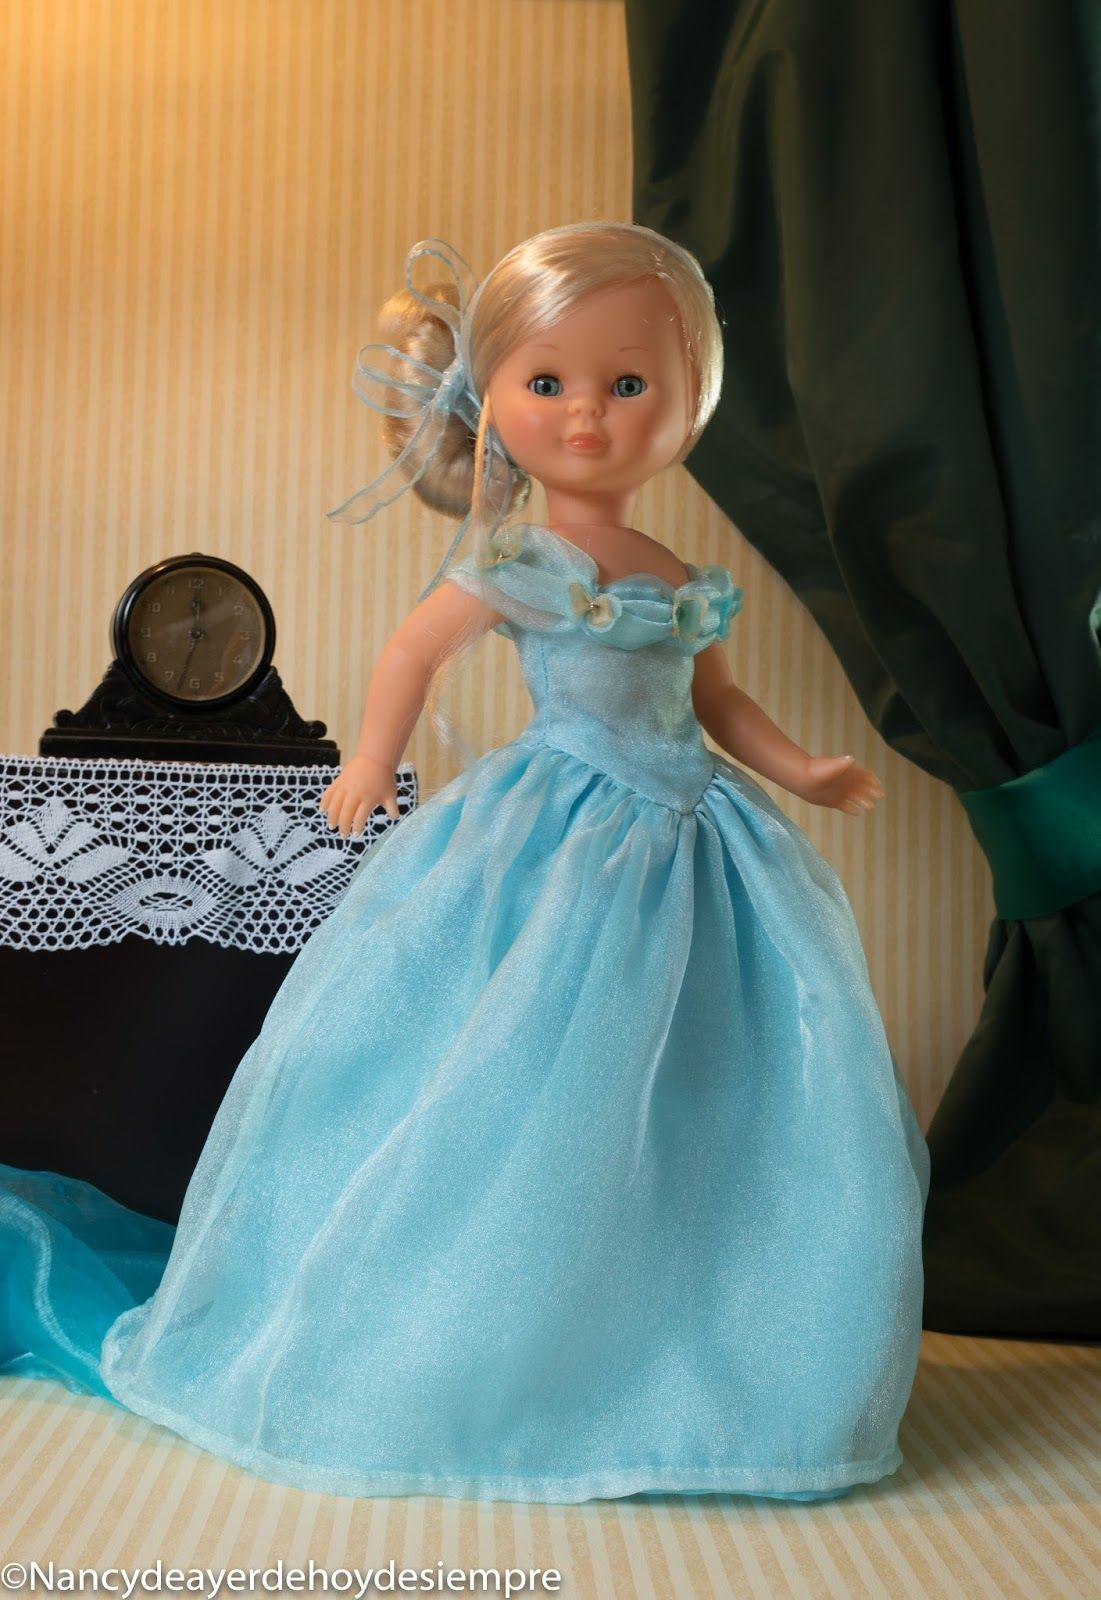 Nancy, Cenicienta va al baile. | muñecas de paises | Pinterest ...